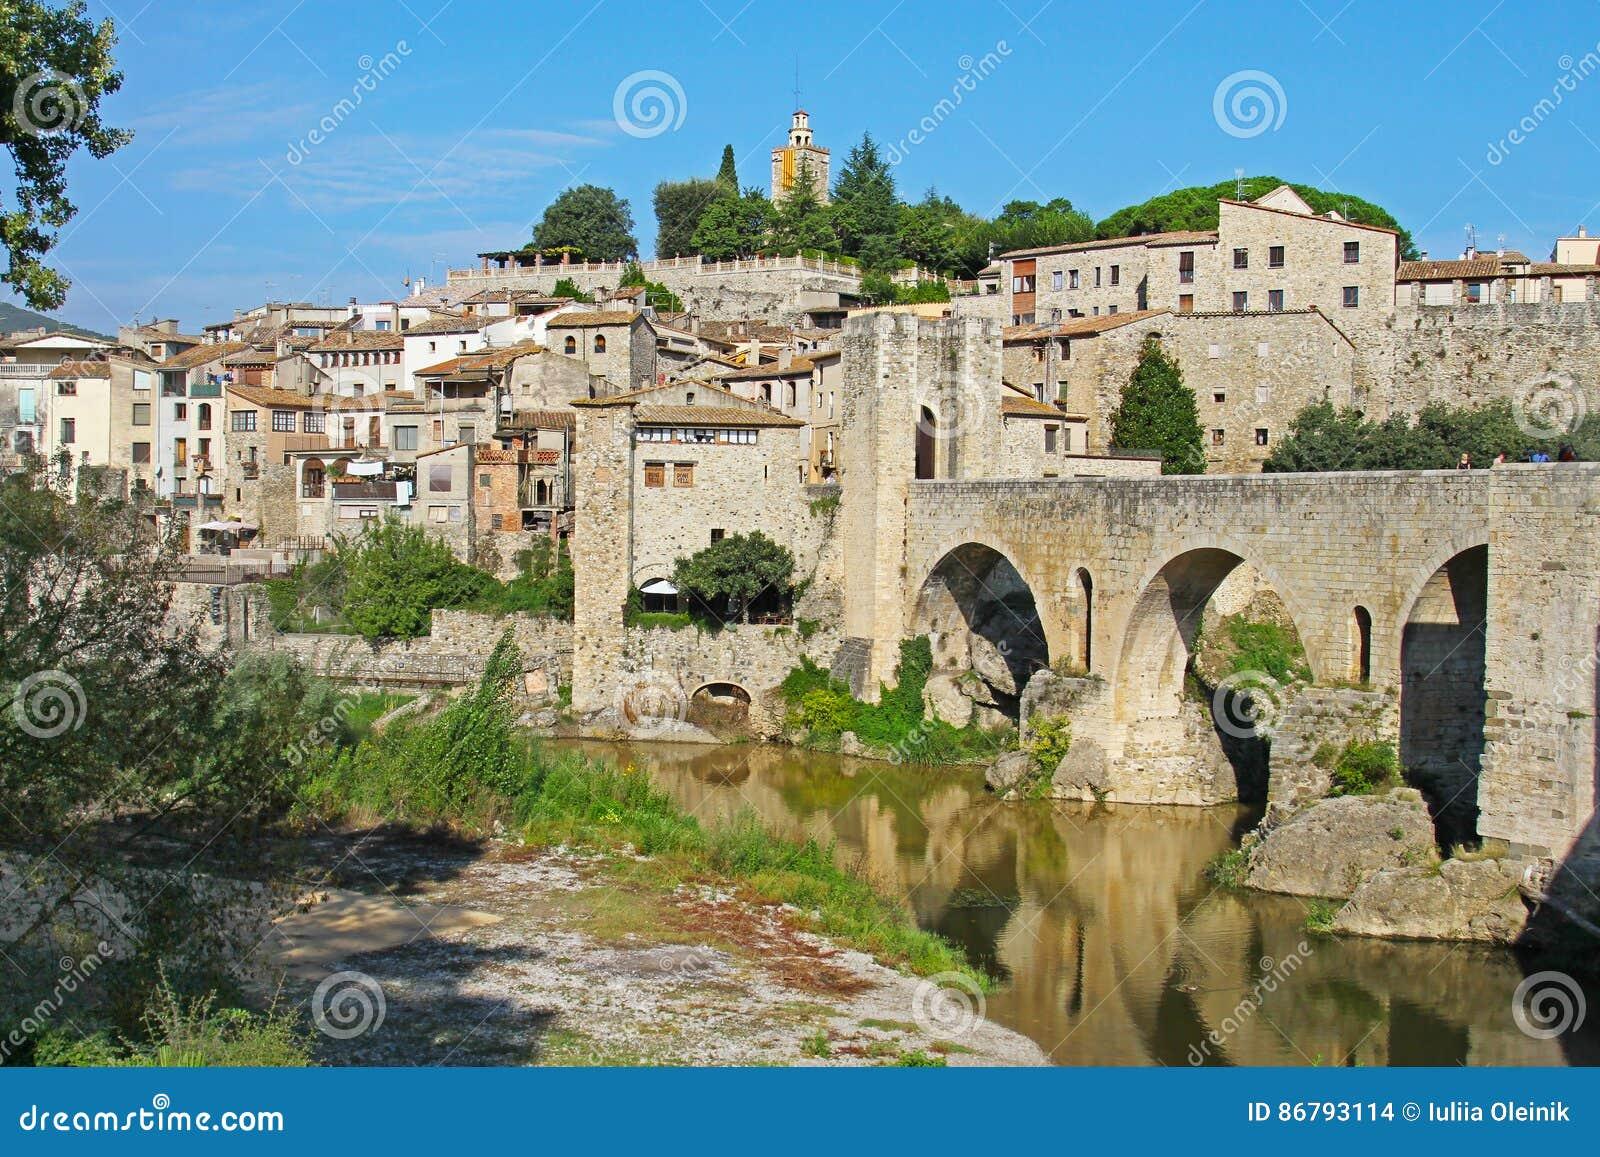 View of Besalu village Catalonia, Spain